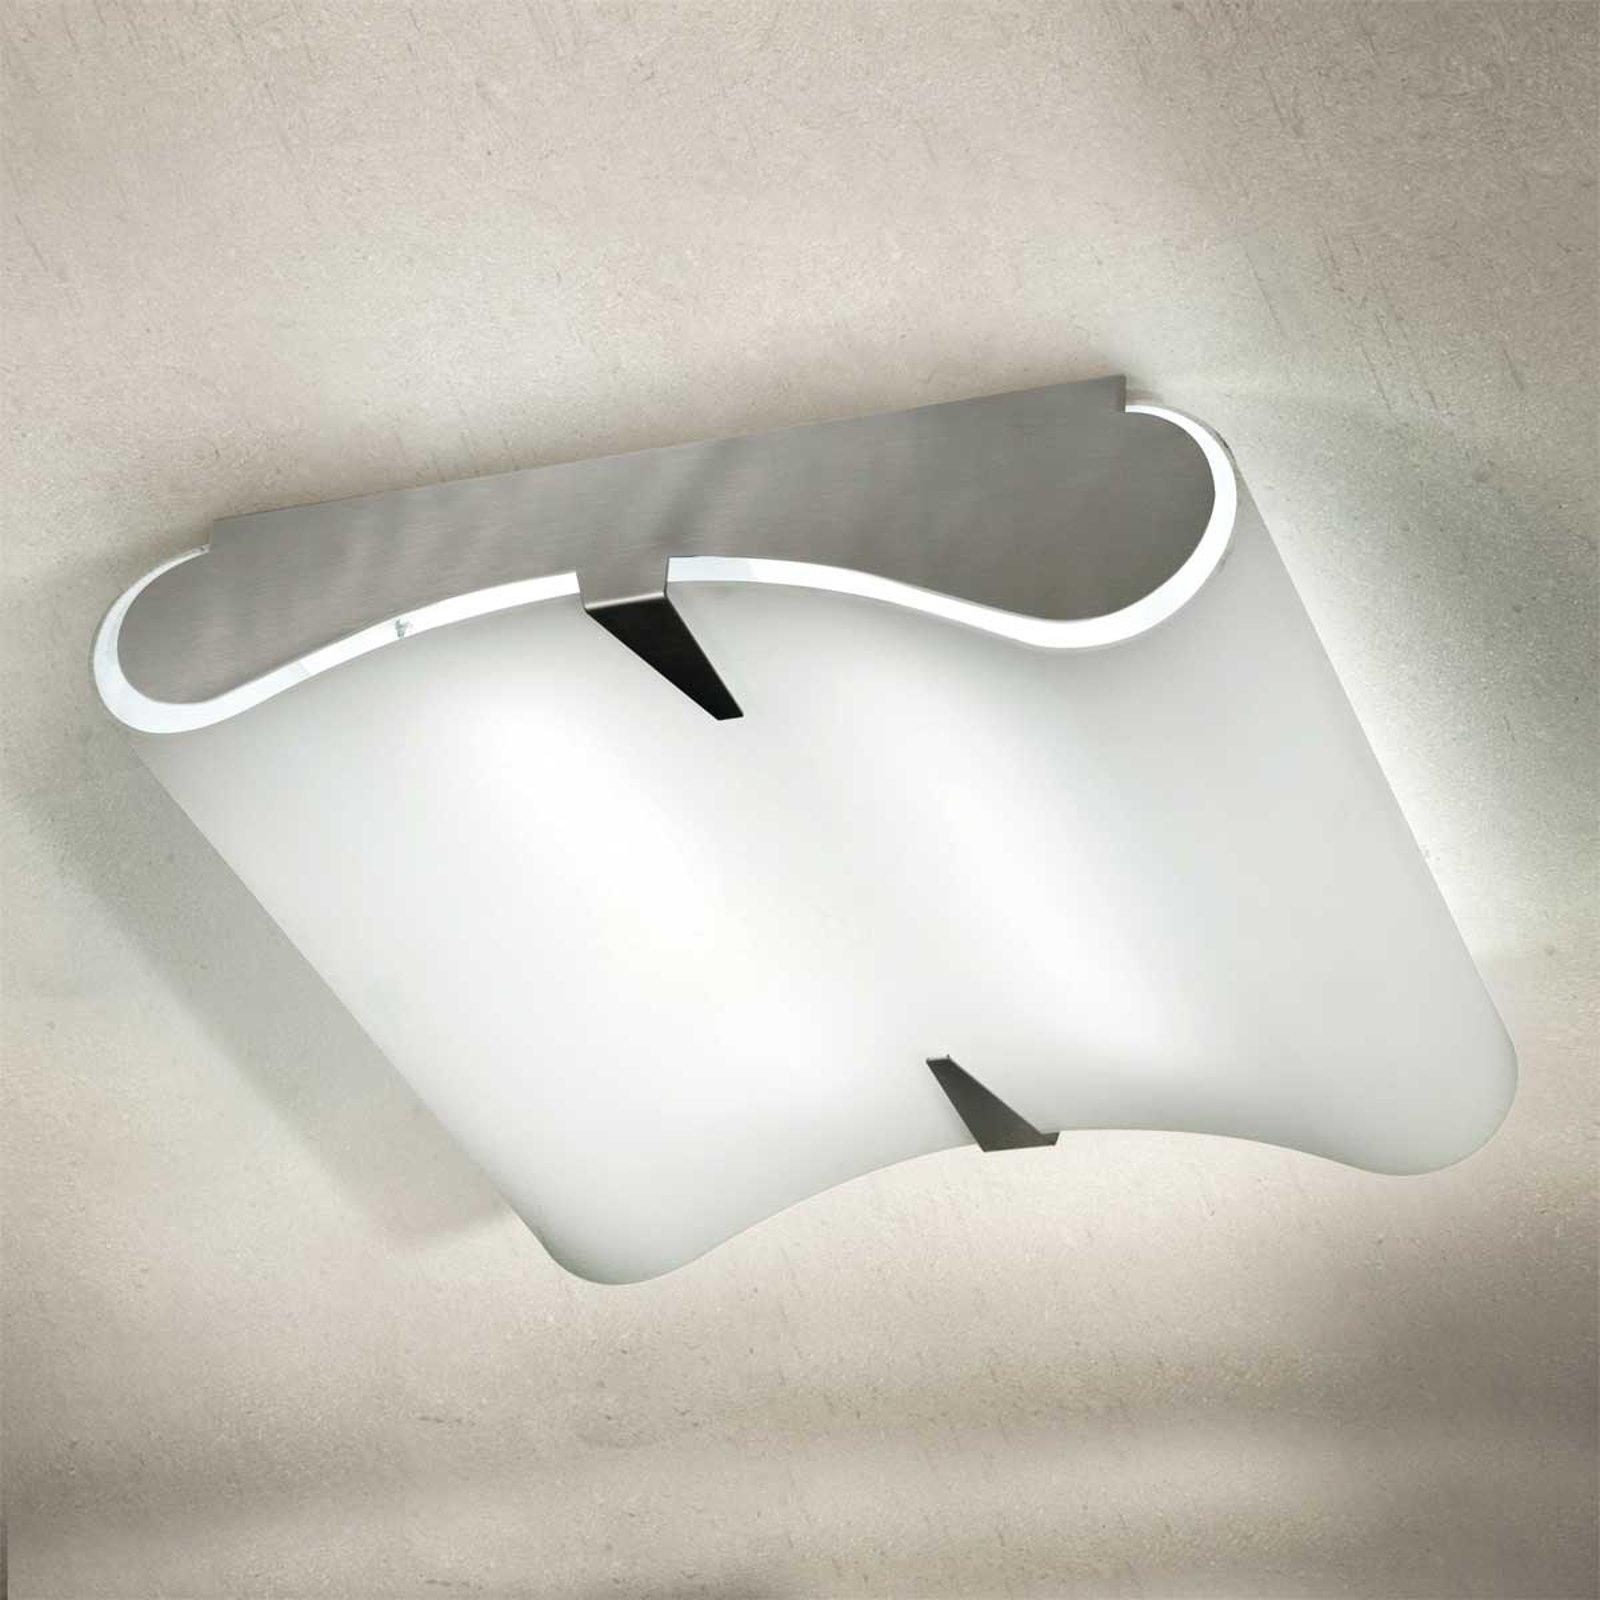 Hvelvet taklampe SECRET 9220, E27, 50 x 50 cm